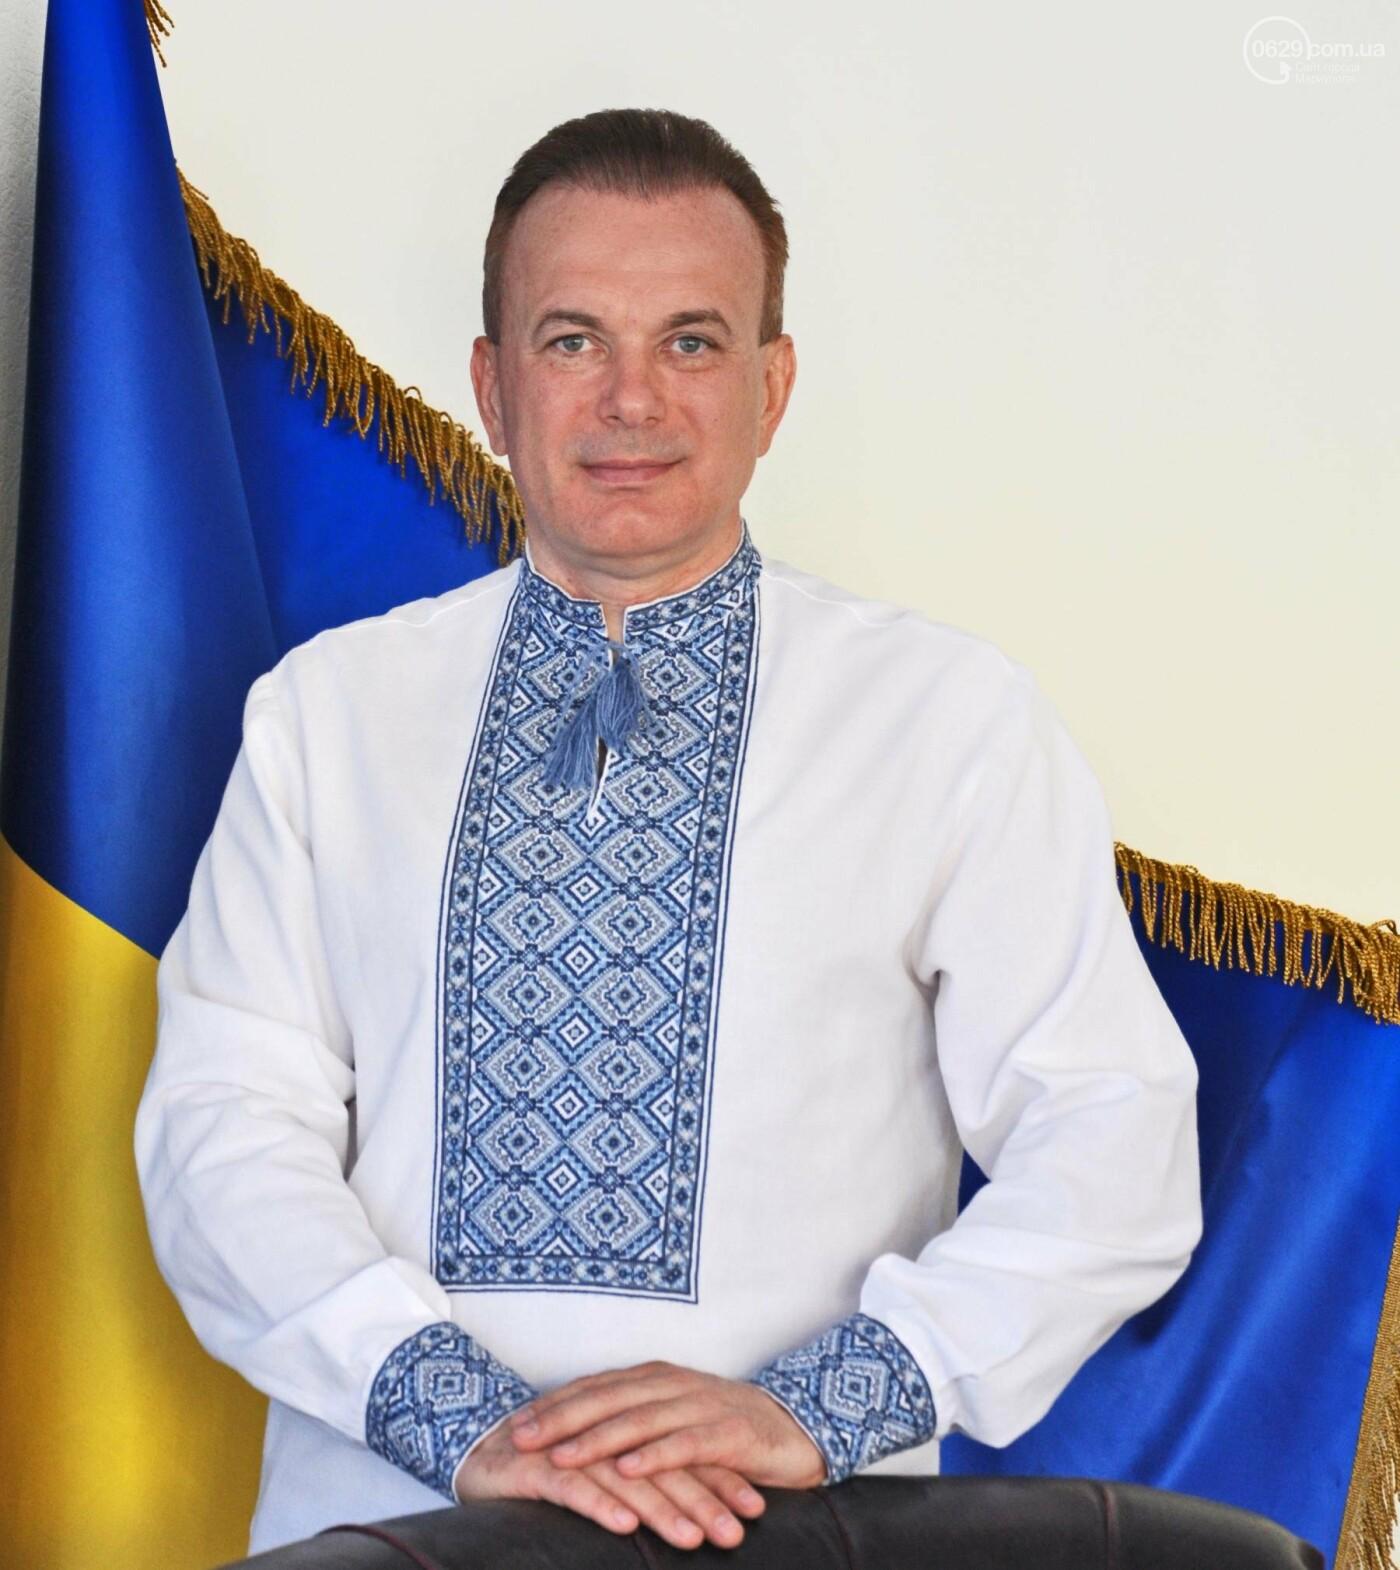 Юрий Тернавский поздравил мариупольцев с 27-летием Независимости Украины, фото-2